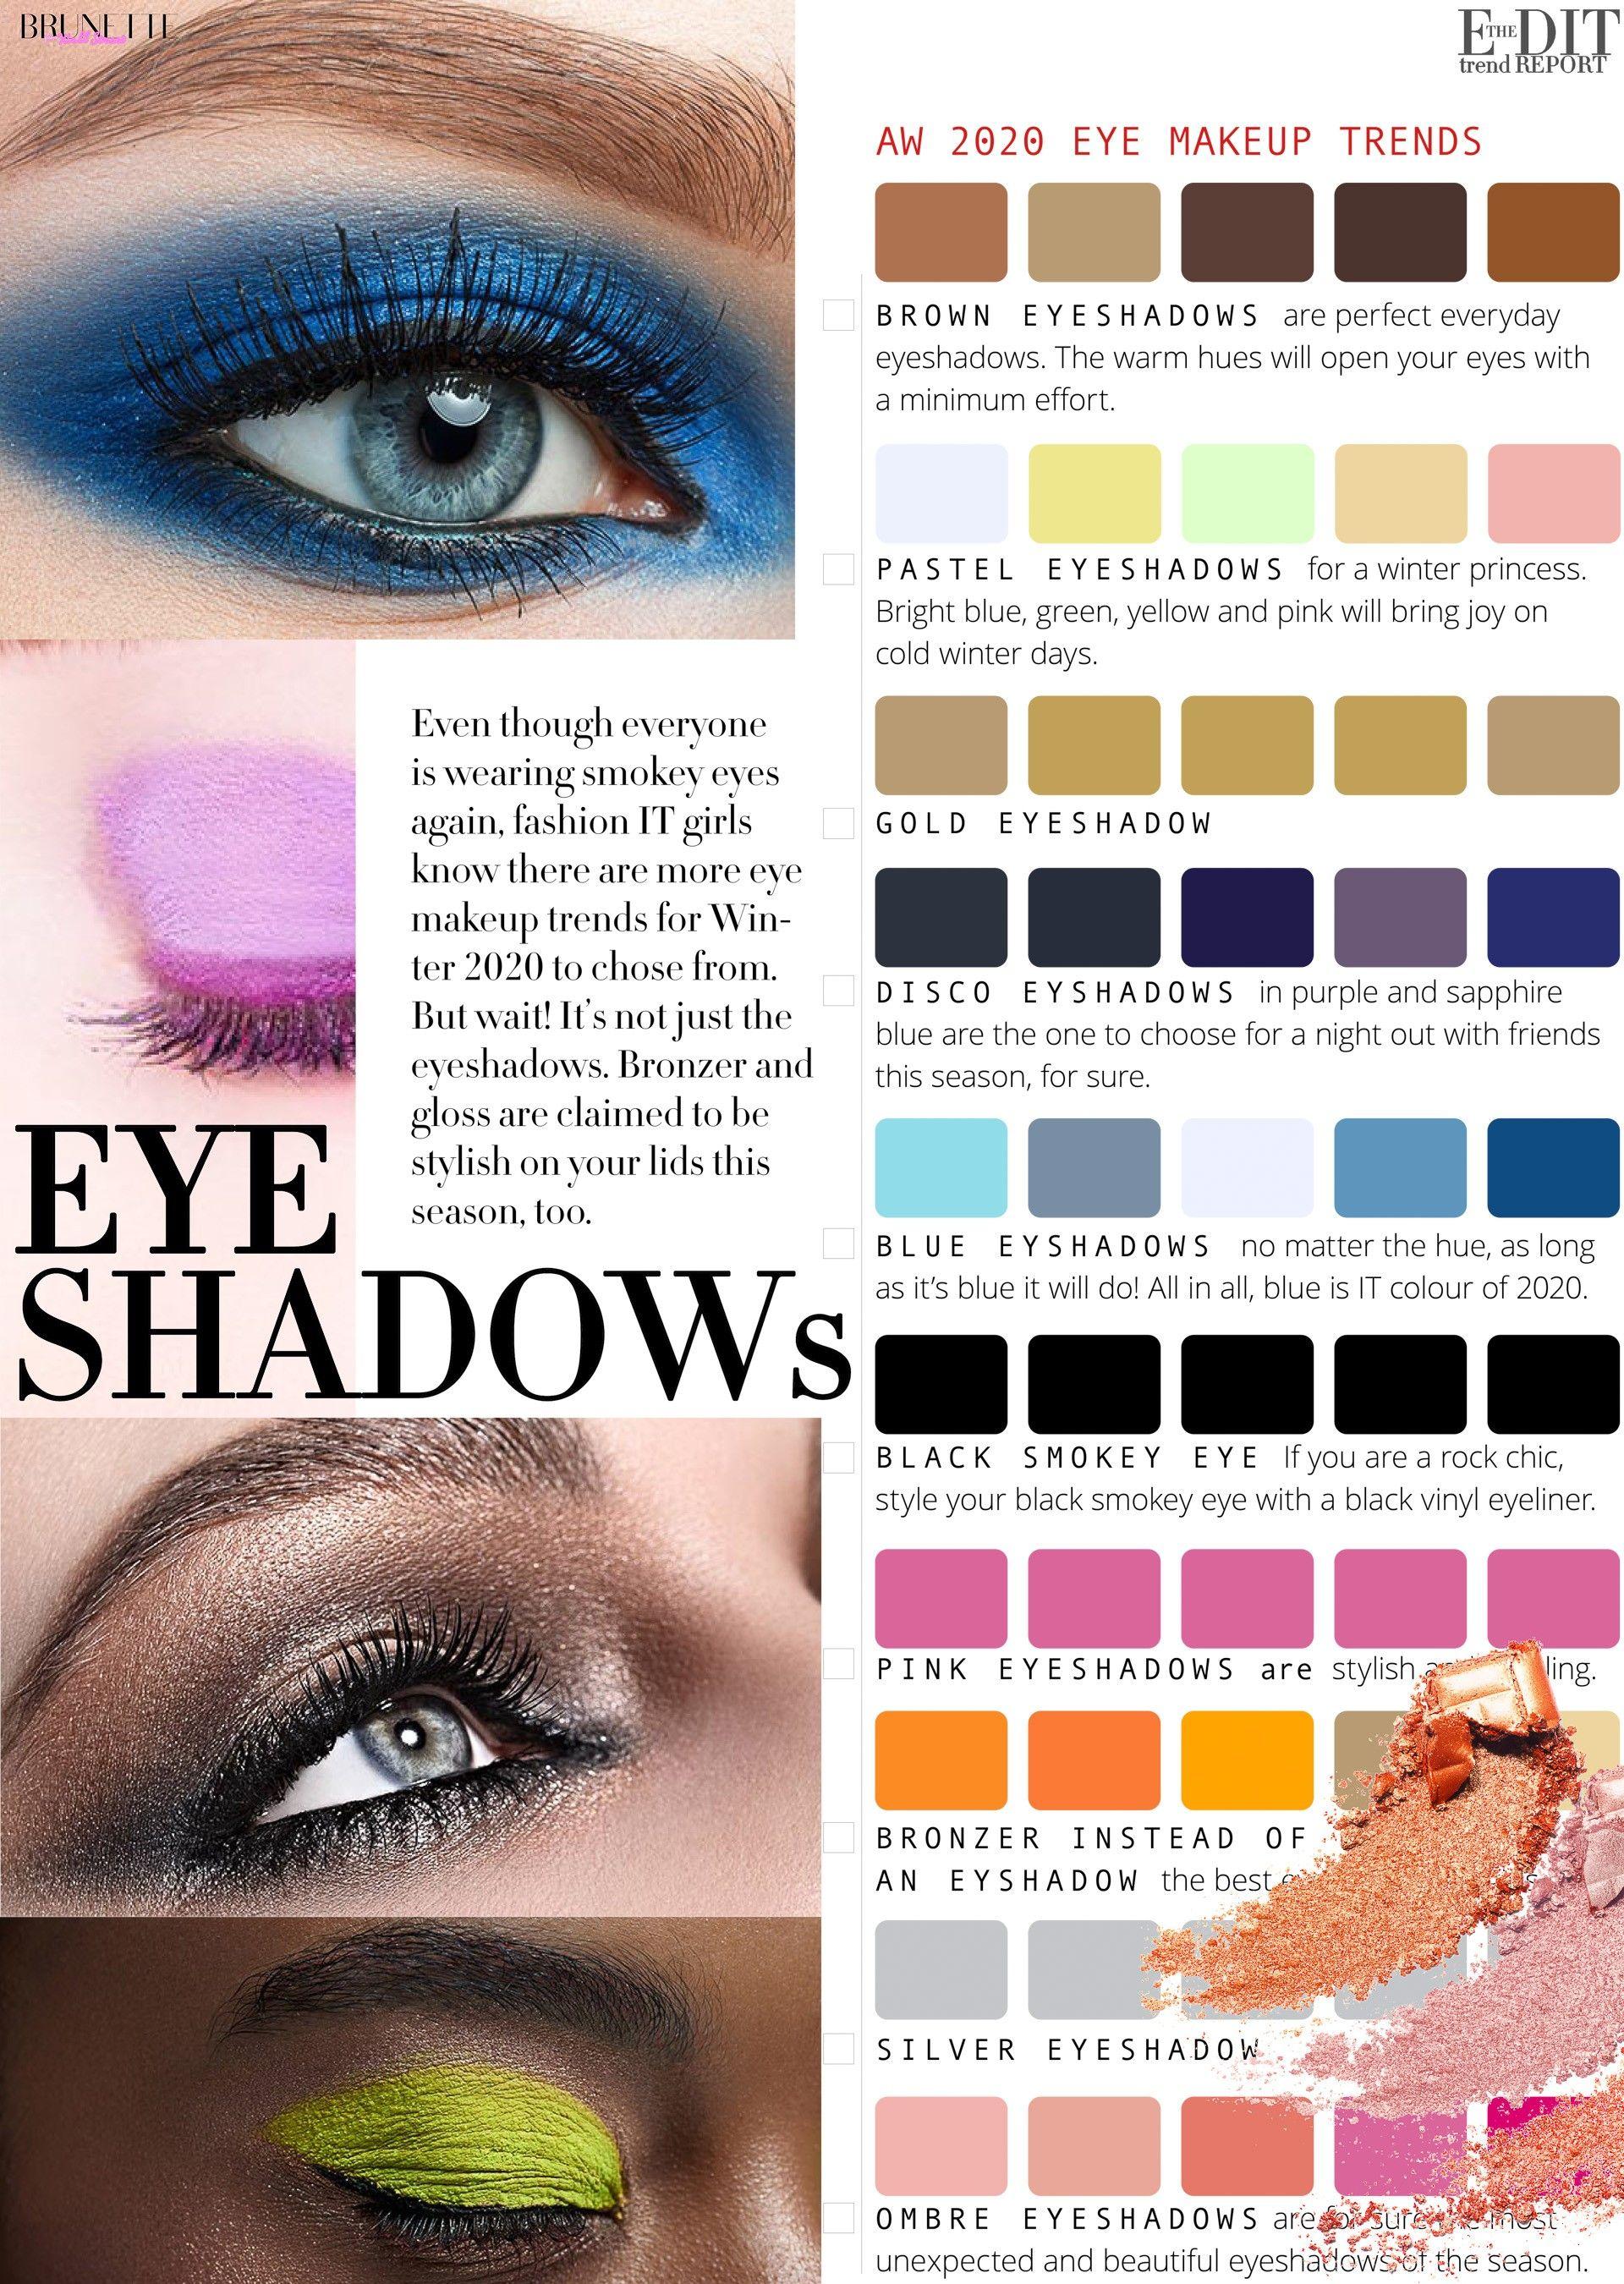 Eye Makeup Trends For Winter 2020 Eye Makeup Makeup Trends